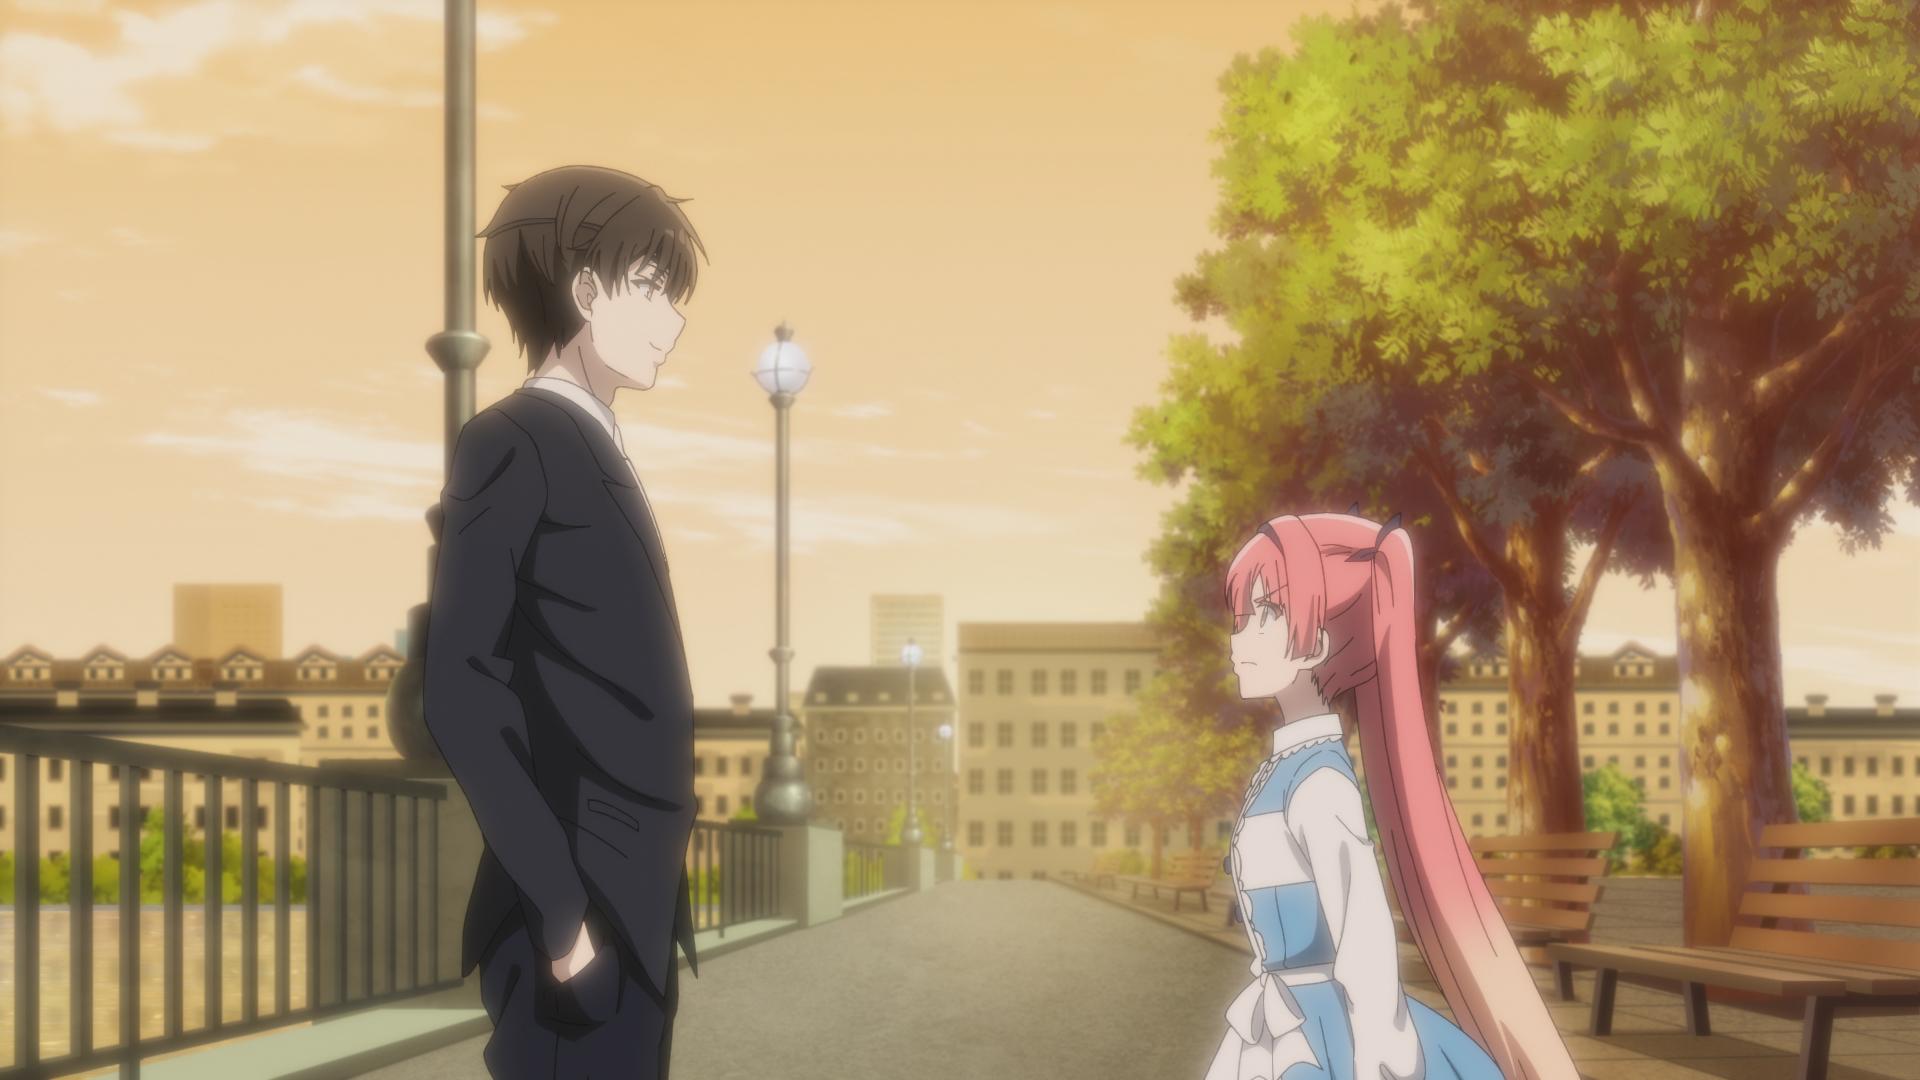 """Captura de tela do episódio 8 de """"The Detective is Already Dead"""", mostrando Kimihiko (esquerda) e Alicia (direita)"""